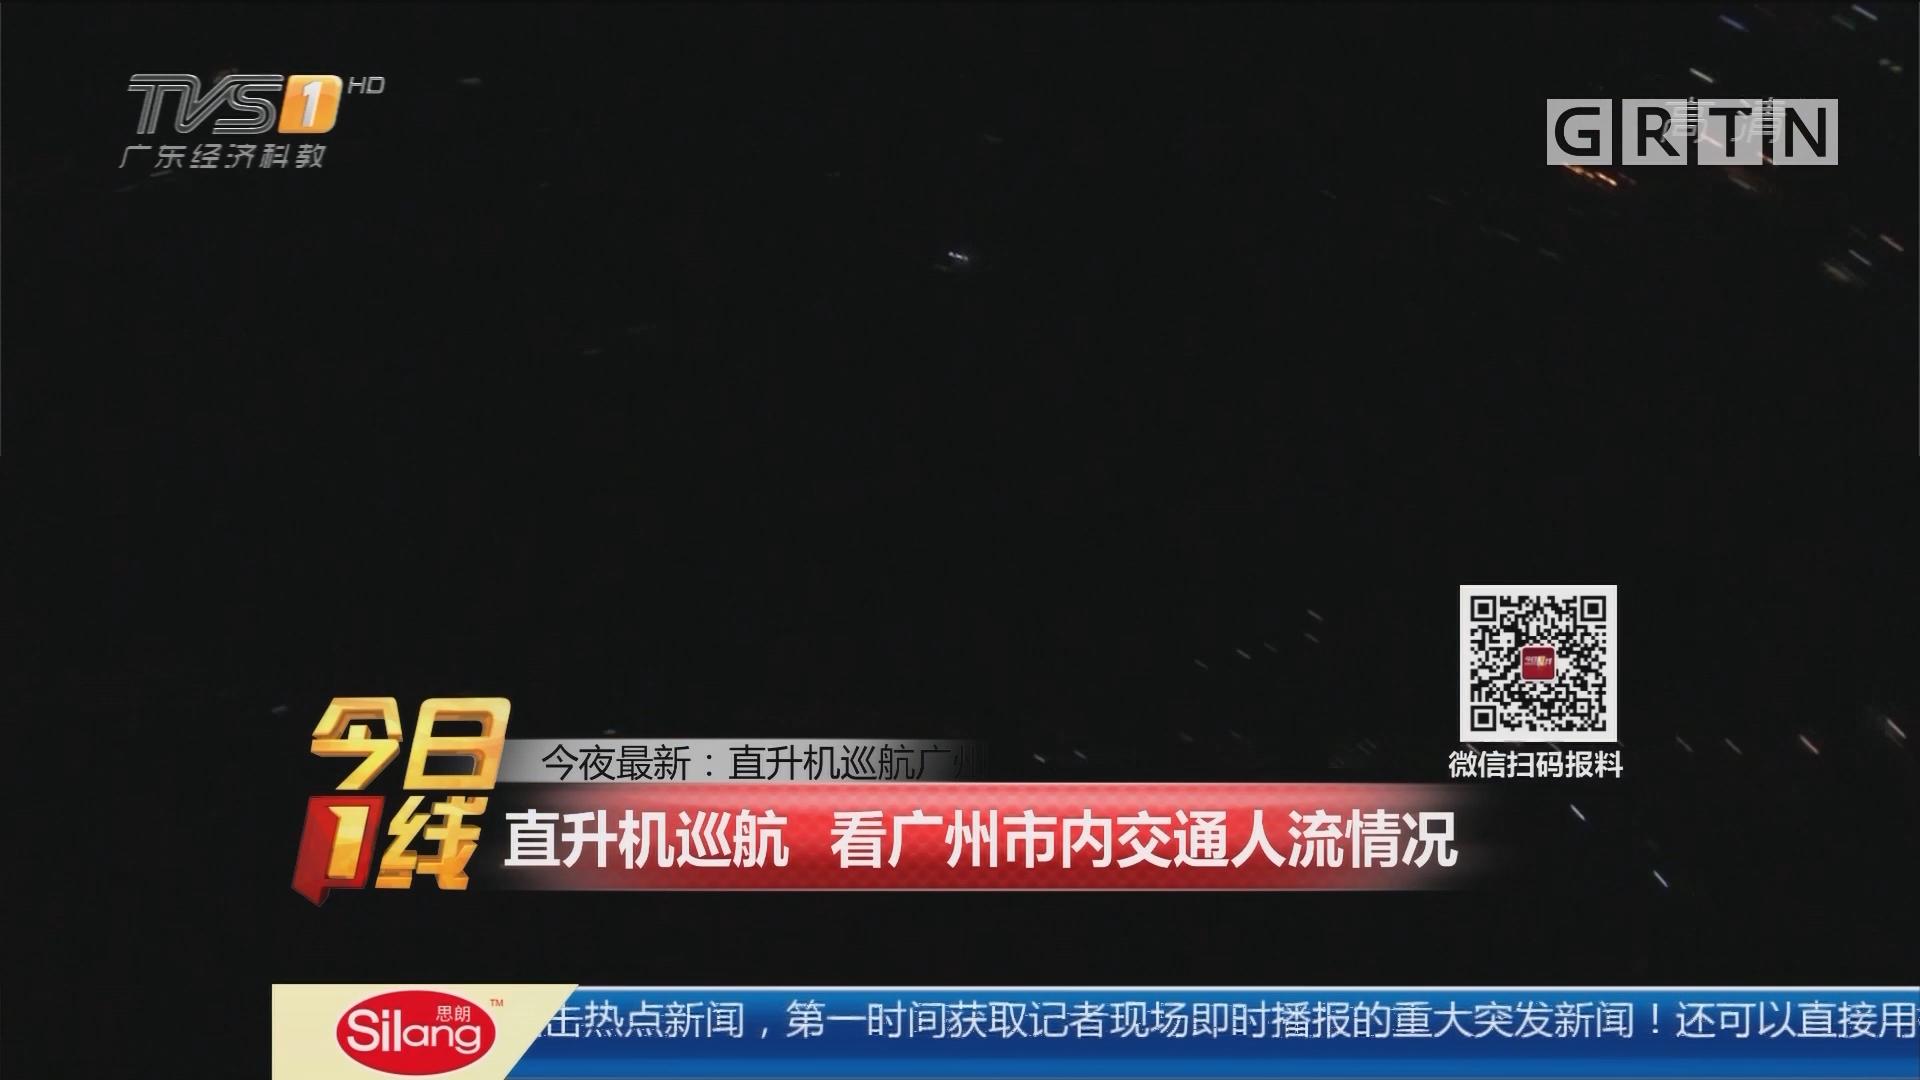 今夜最新:直升机巡航广州 直升机巡航 看广州市内交通人流情况